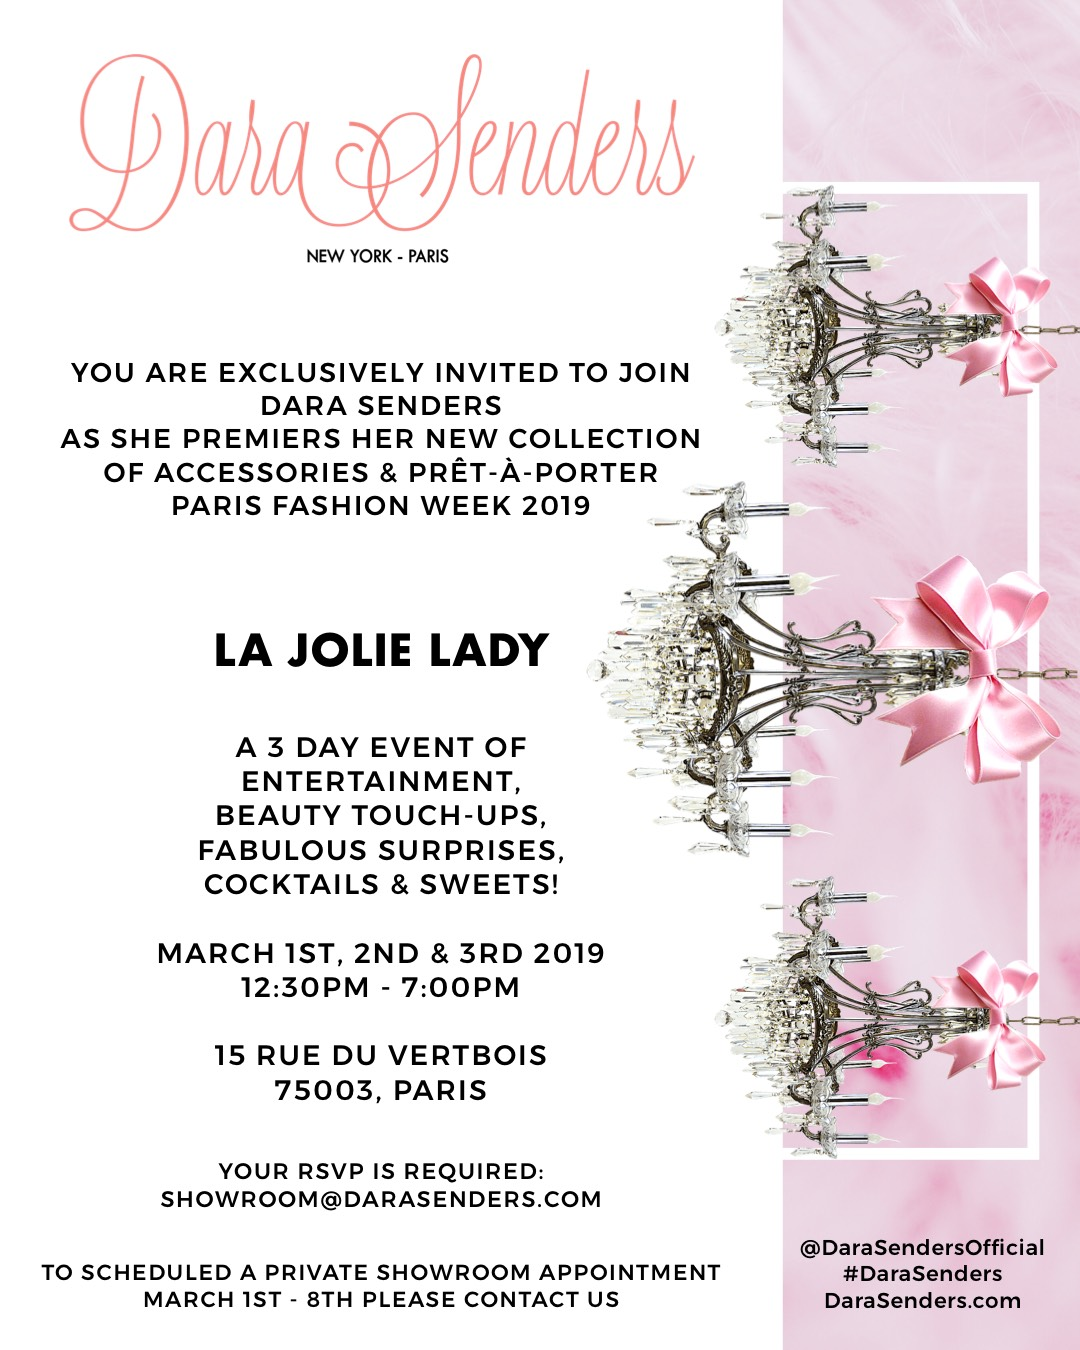 DARA SENDERS - PARIS FASHION WEEK F/W19 PRESENTATION    MARCH 1ST - 3RD, 2019 - RUE DU VERTBOIS